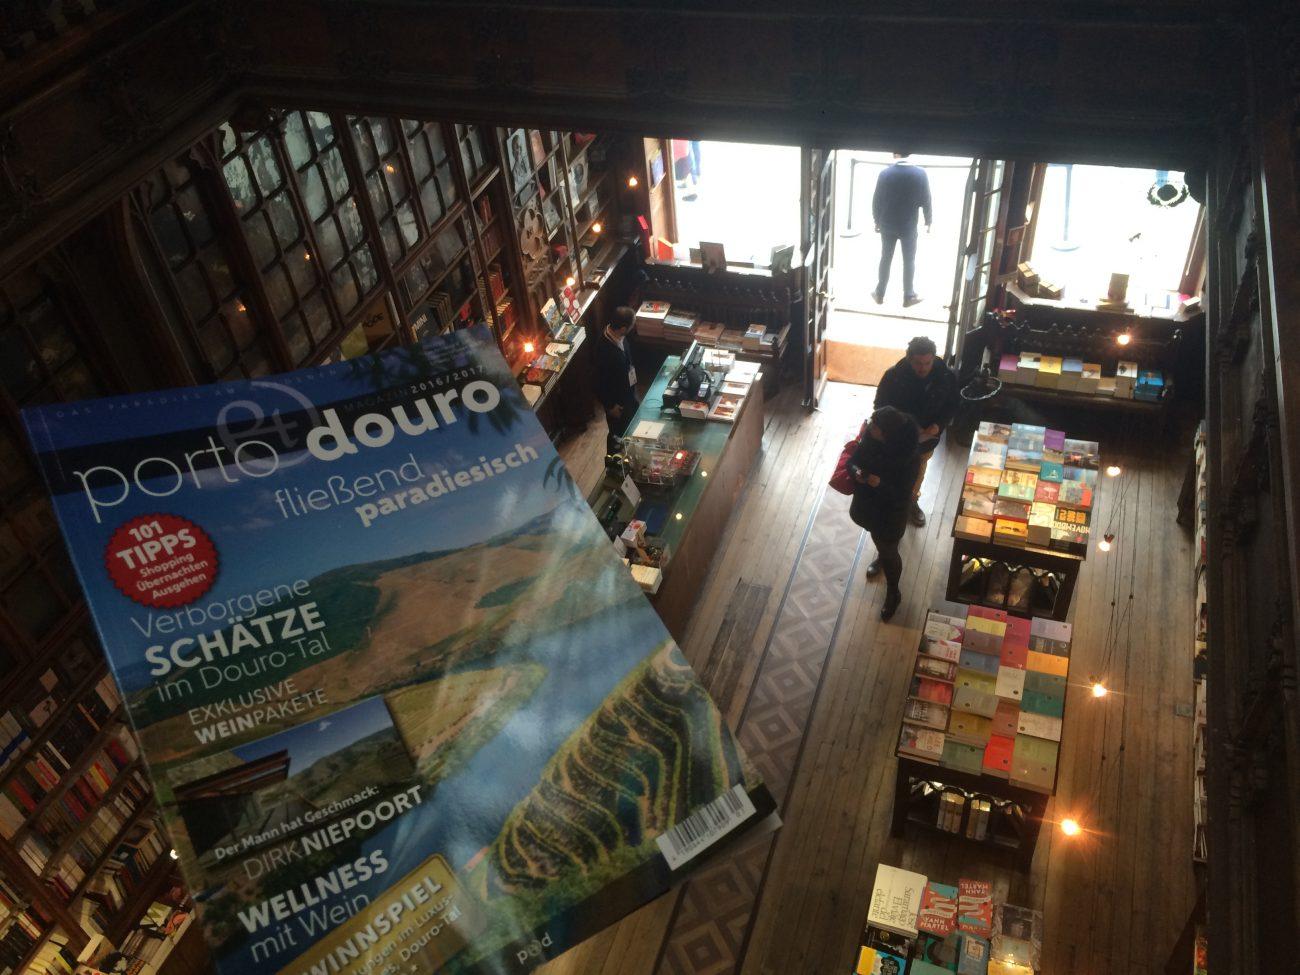 Lello in Porto ist die älteste Buchhandlung der Welt 5